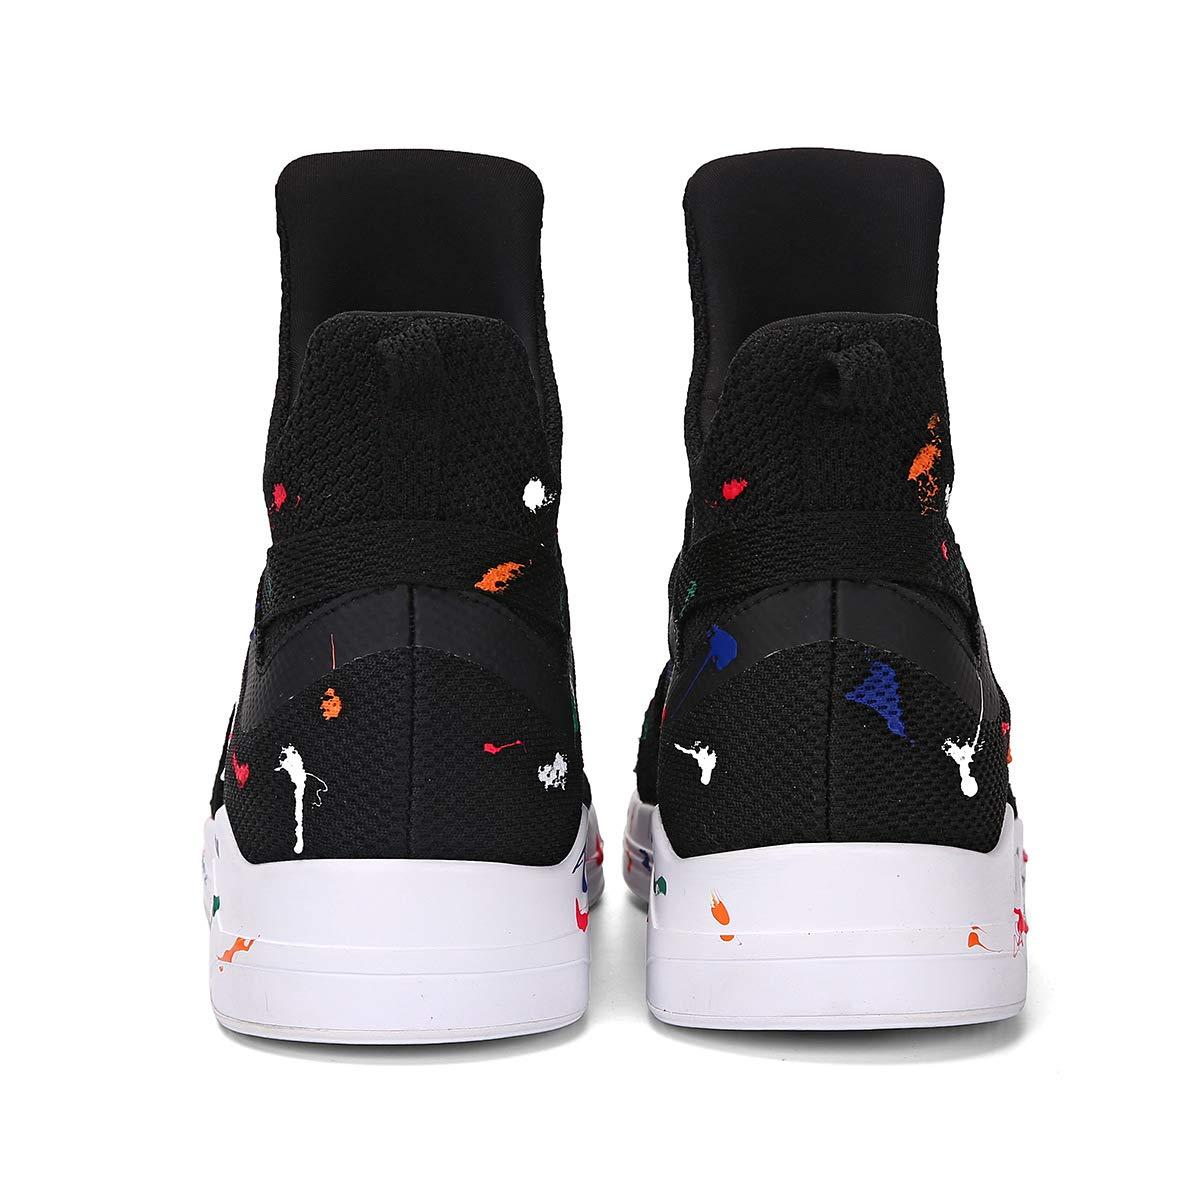 YAN Unisex Schuhe High-Top Mesh High-Top Schuhe Sneakers Elastikschlauch Schuh, Männer Frauen Deck Schuhe Lässig Täglich Wanderschuhe Herbst & Winter Schwarz, Größe   42 893046